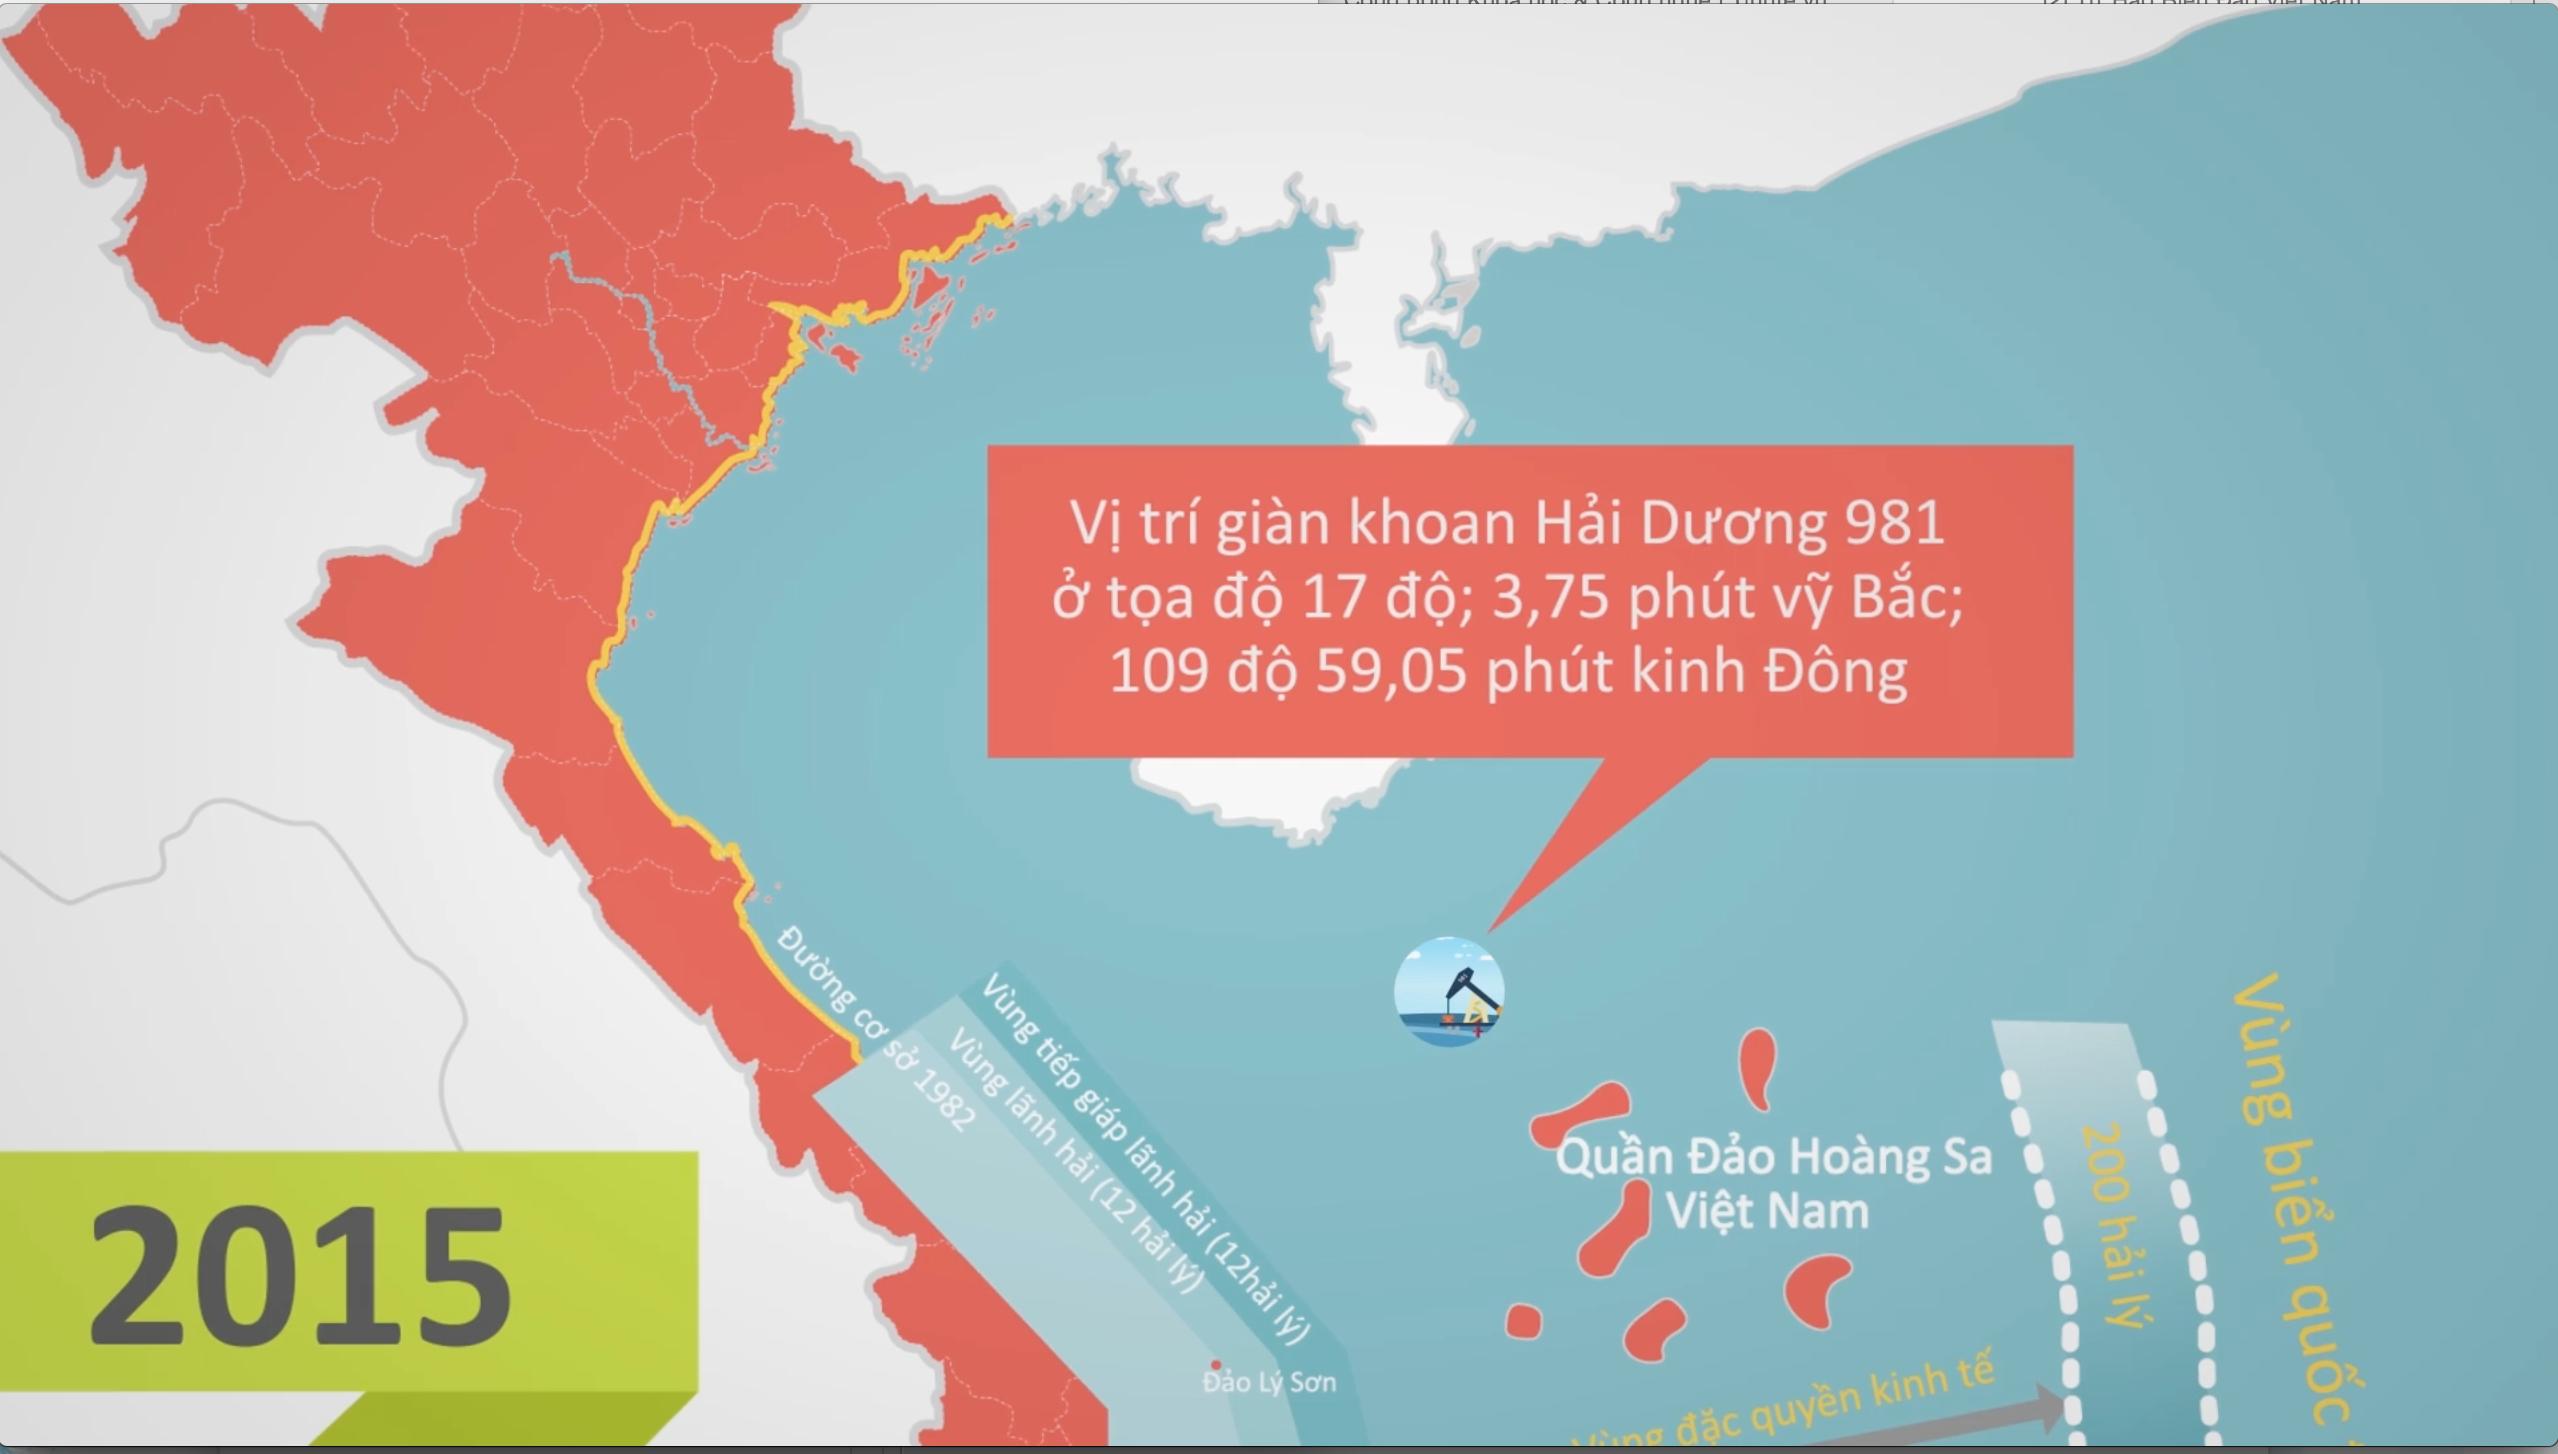 Hình ảnh những lần lãnh hải Việt Nam bị vi phạm cũng được thể hiện rõ nét với nguồn thông tin chính xác